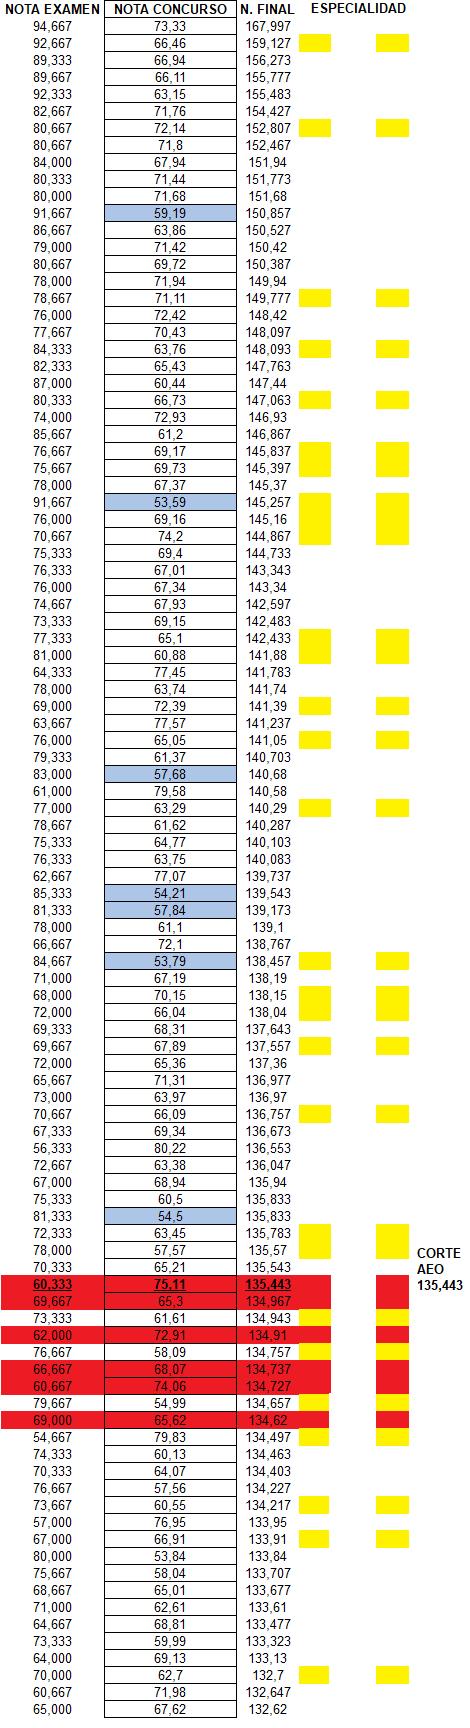 estimacion_notacortetierra1